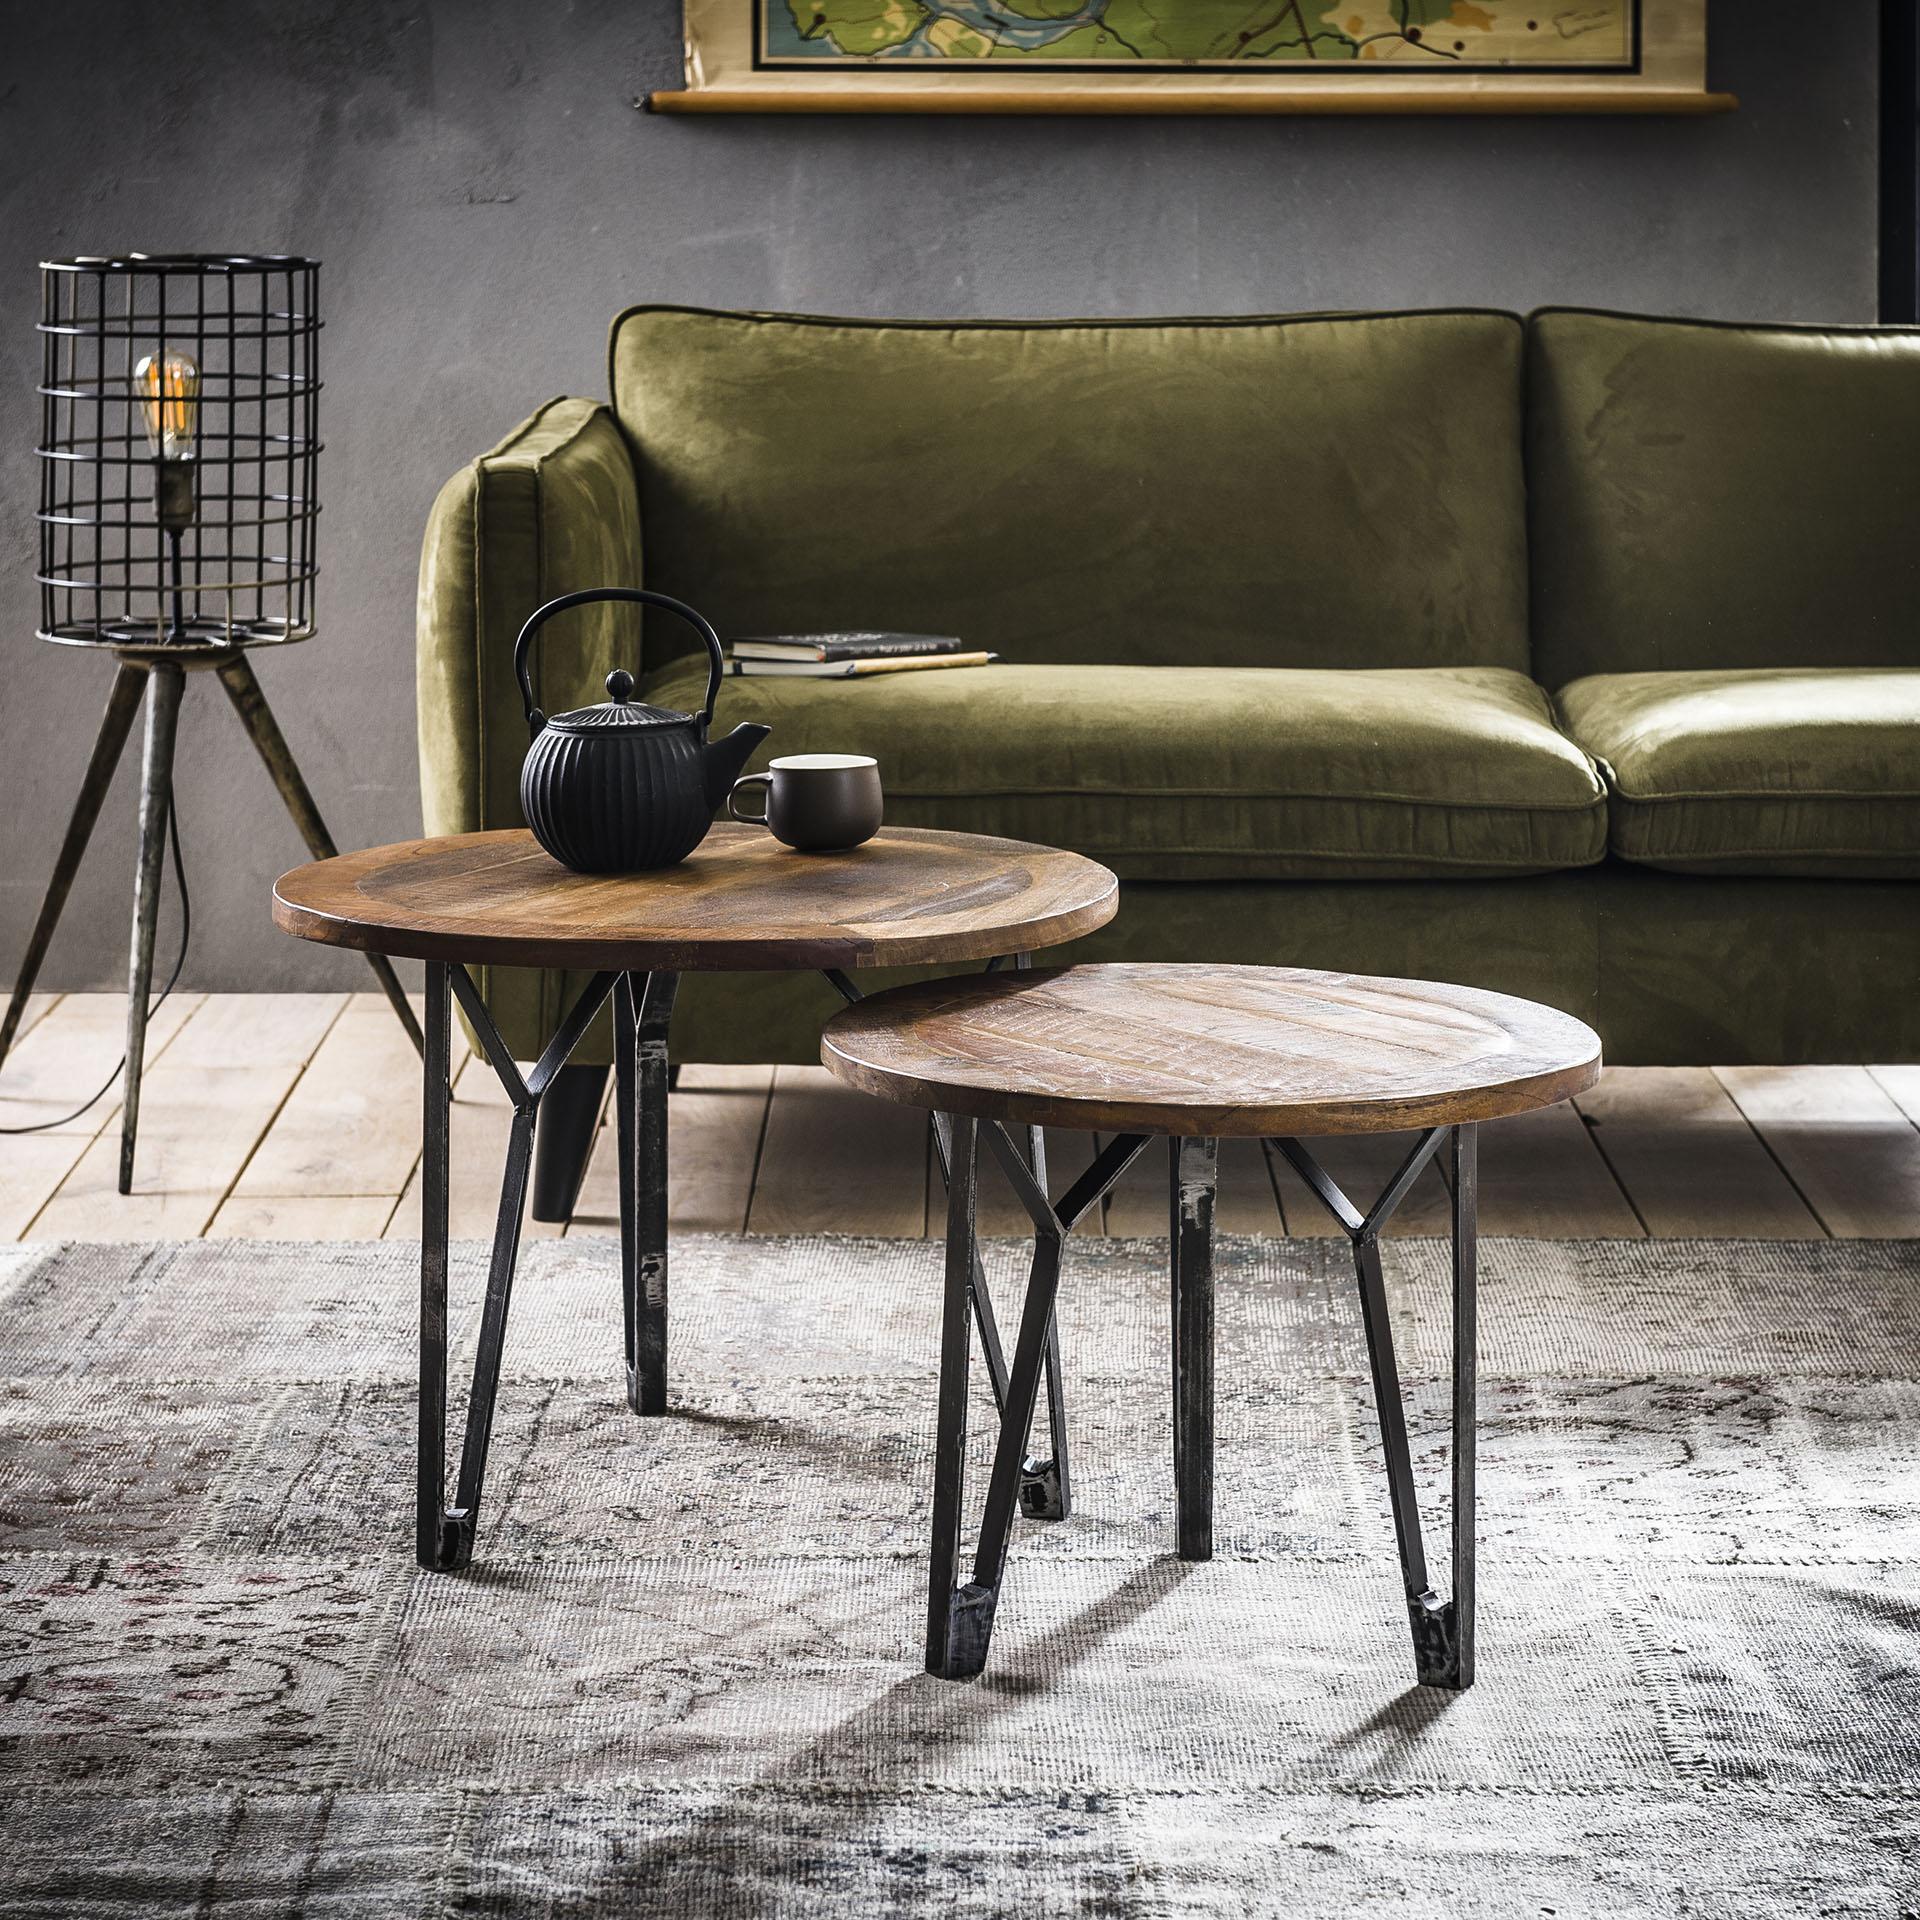 Uw partner in meubels: Salontafel 'Julianne' Set van 2 stuks Tafels | Salontafels